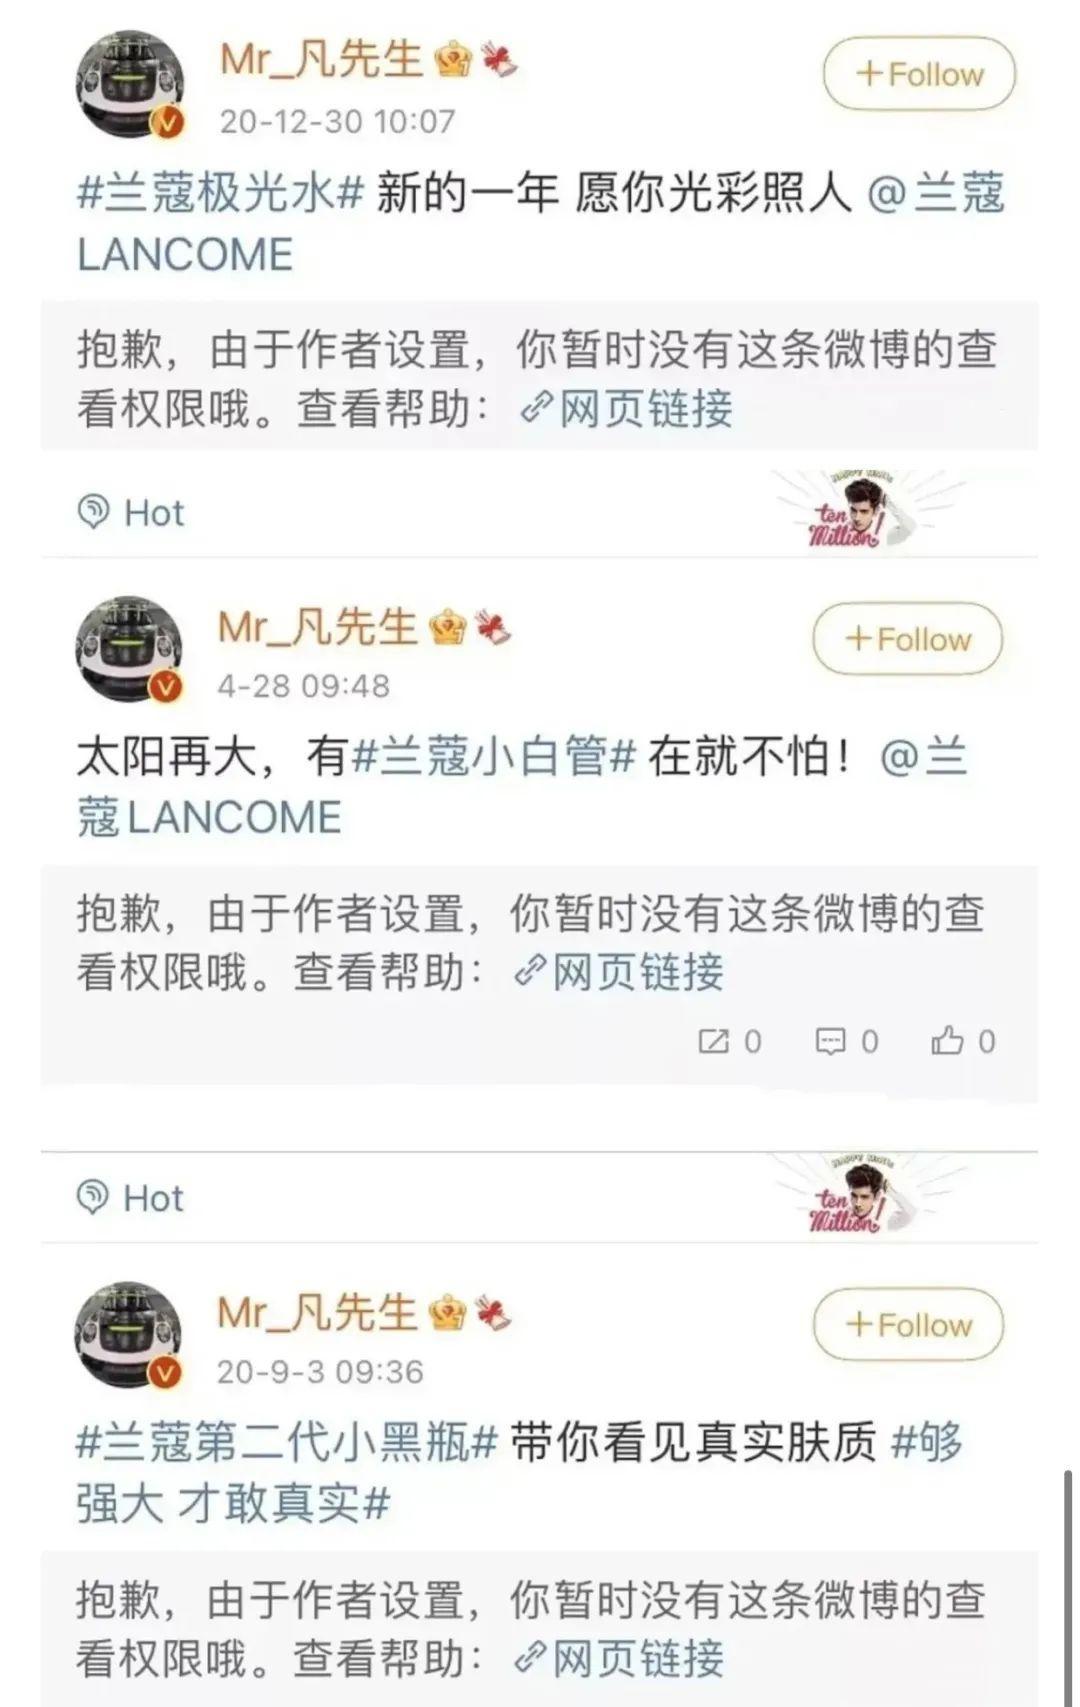 赢咖3娱乐官方:与吴亦凡解约!立白宣布停止品牌合作(图5)